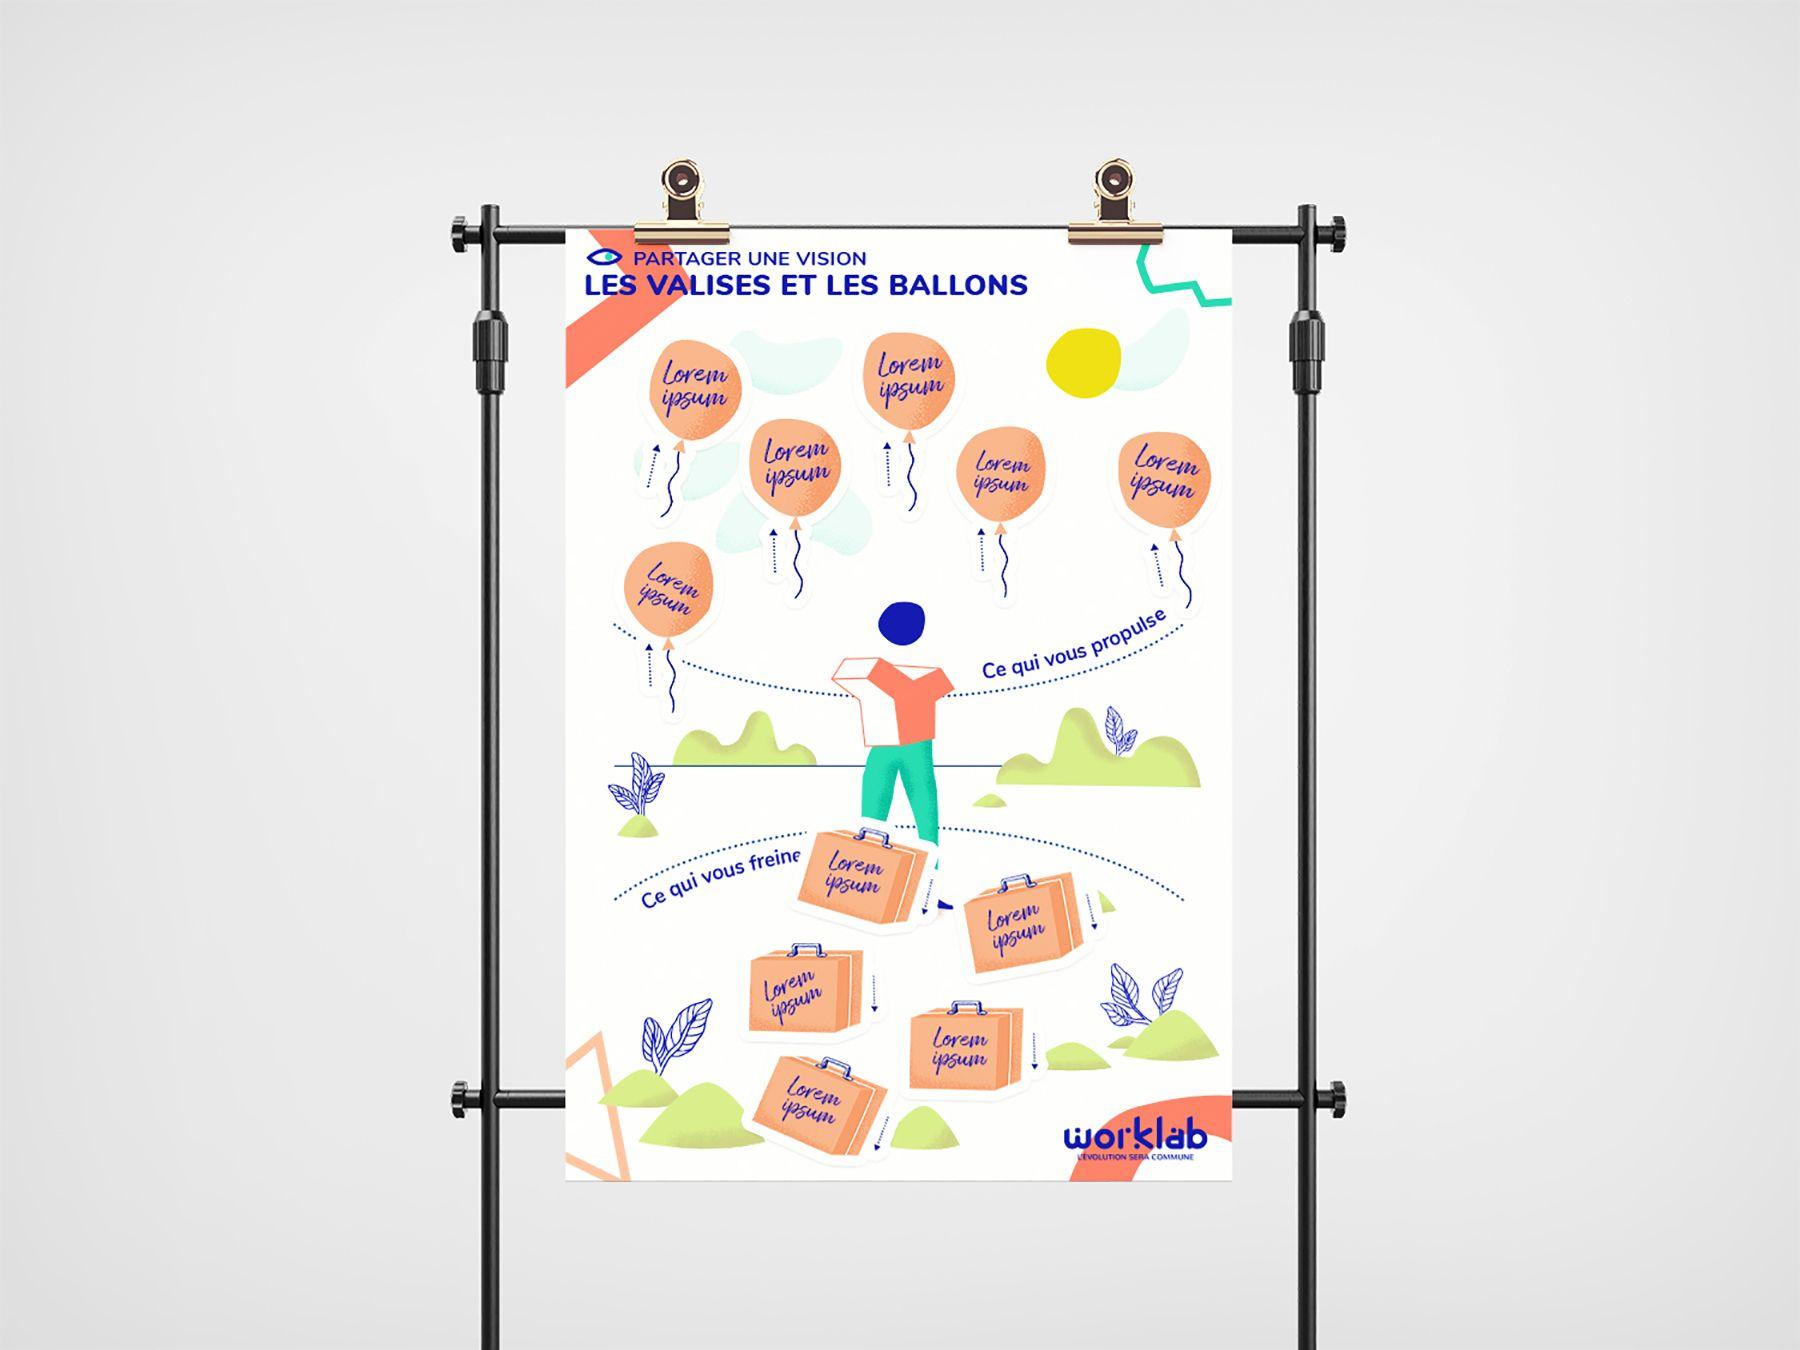 """Un prototype de support éditorial pour Worklab : Une mise en situation du poster de l'atelier ludique """"Valises et Ballons"""" avec les magnets annotés"""